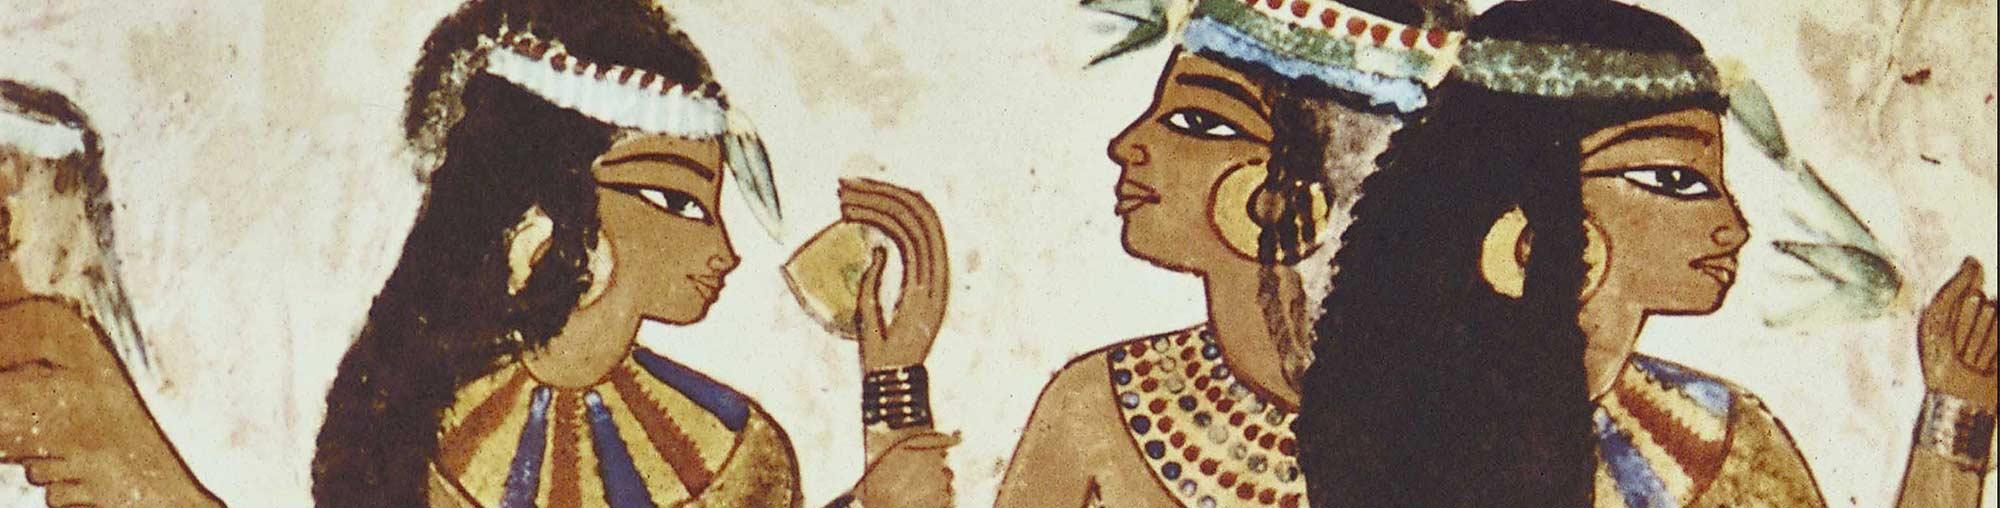 De geschiedenis van Egyptische katoen